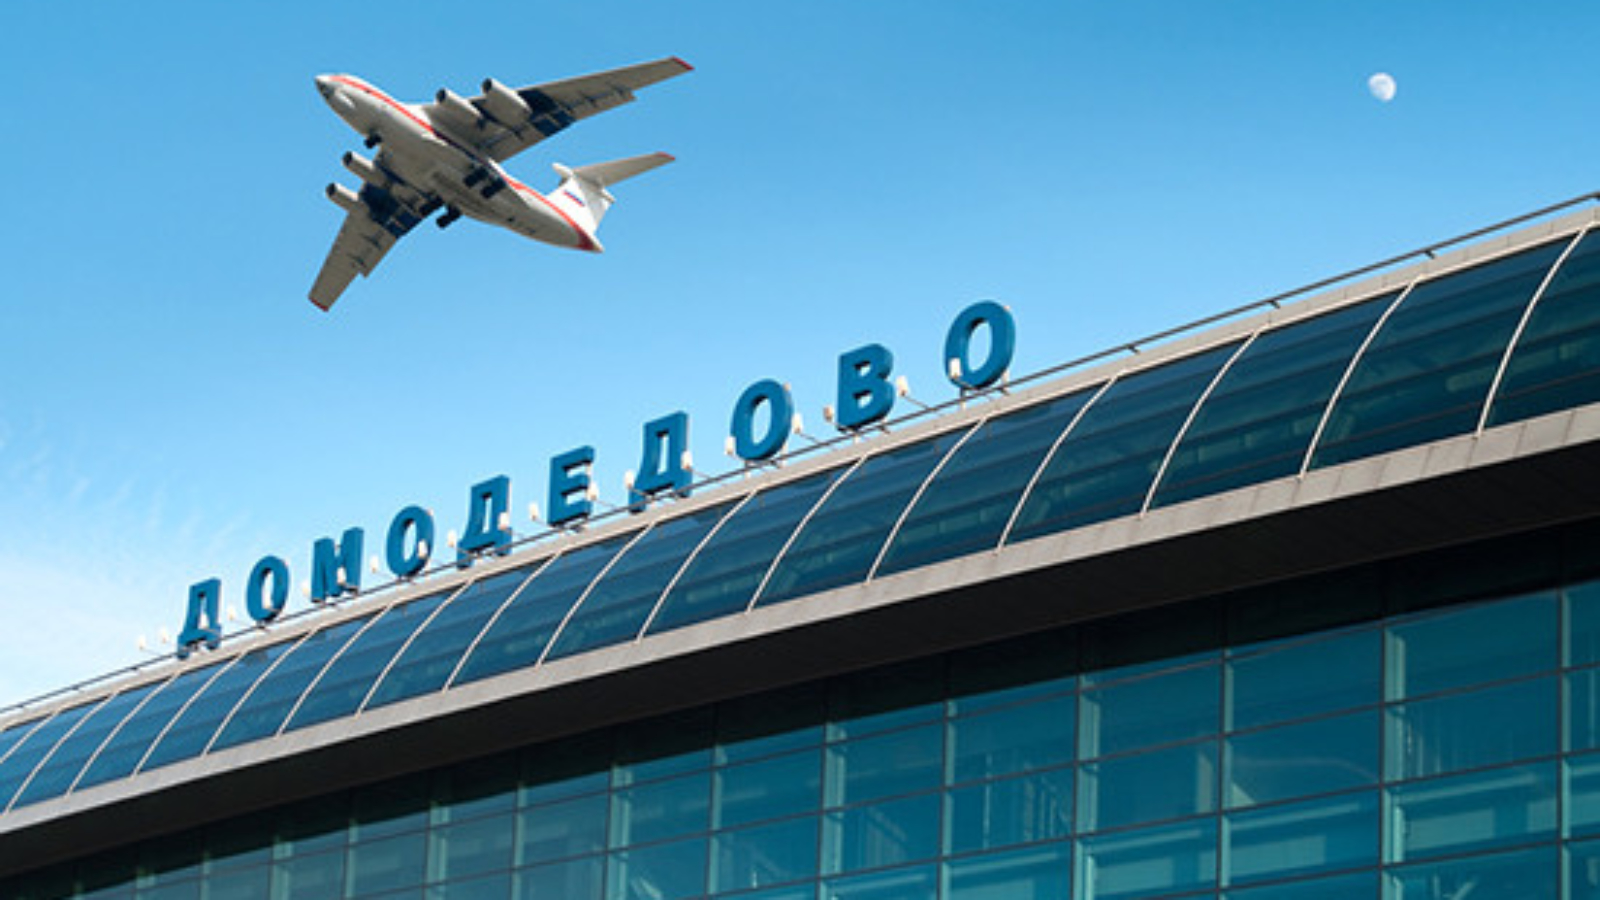 Согласование с авиацией Домодедово. Часть 1 - общие рекомендации